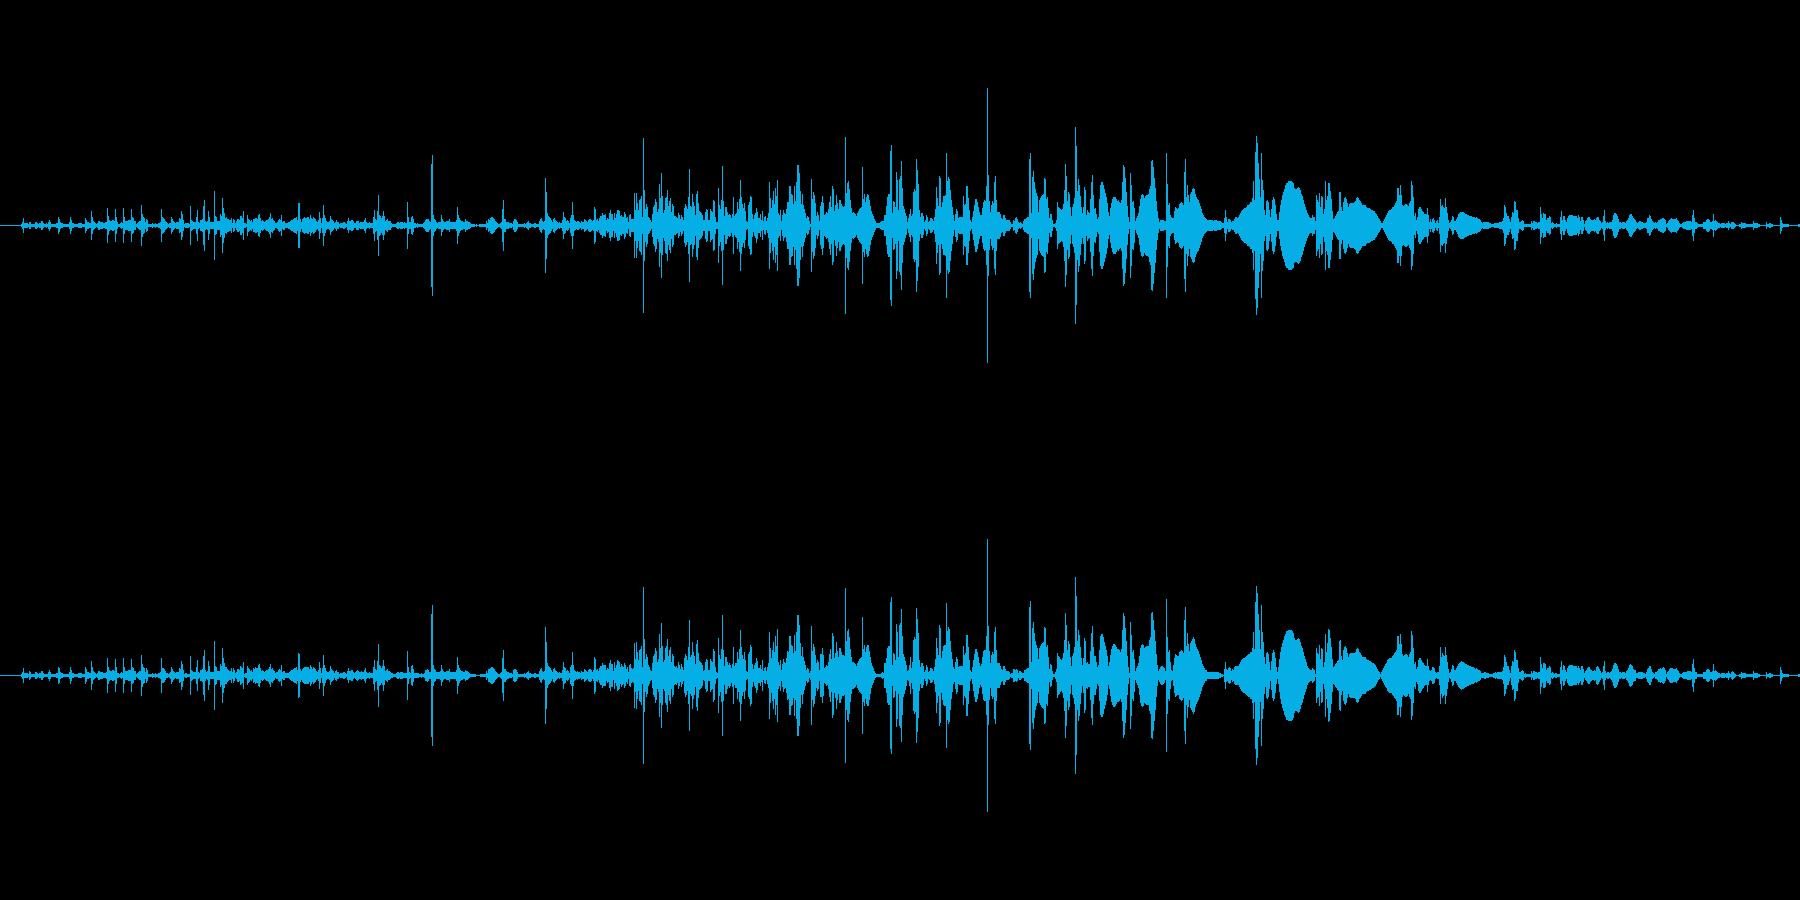 「ギリリッ」締め上げる2の再生済みの波形